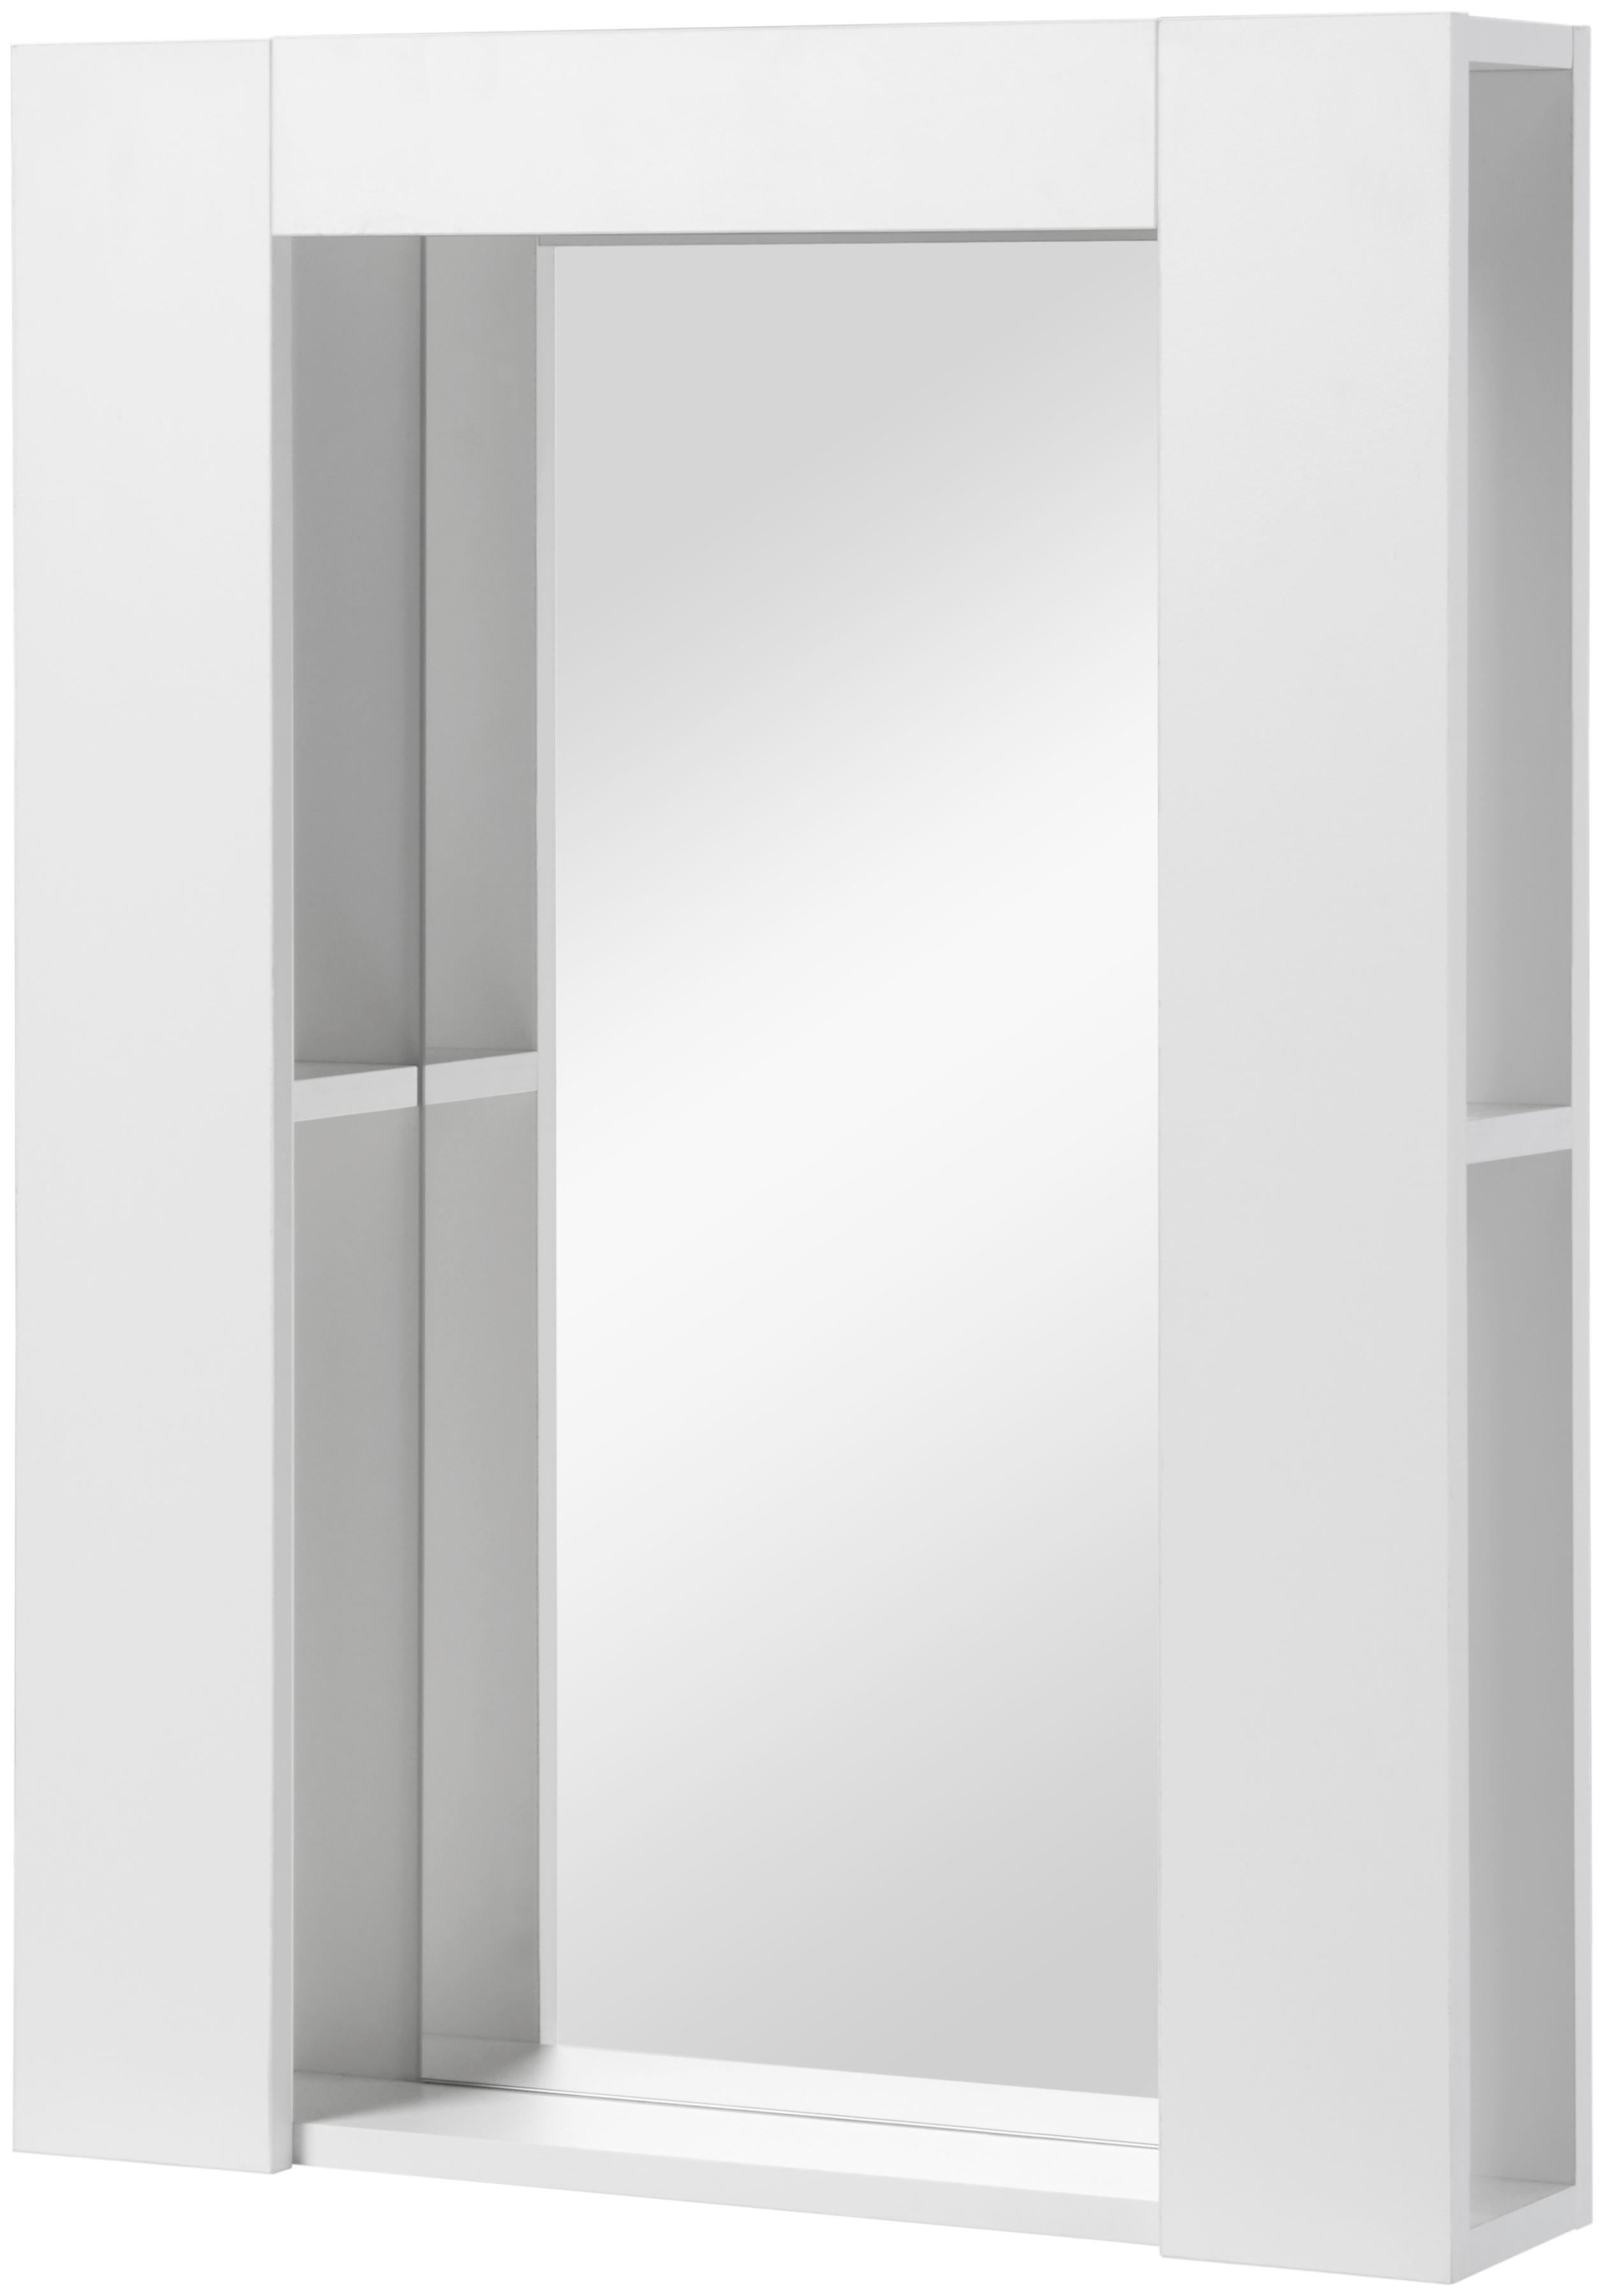 Image of Badspiegel »Baja«, 60 cm Breite, Spiegel mit Ablage